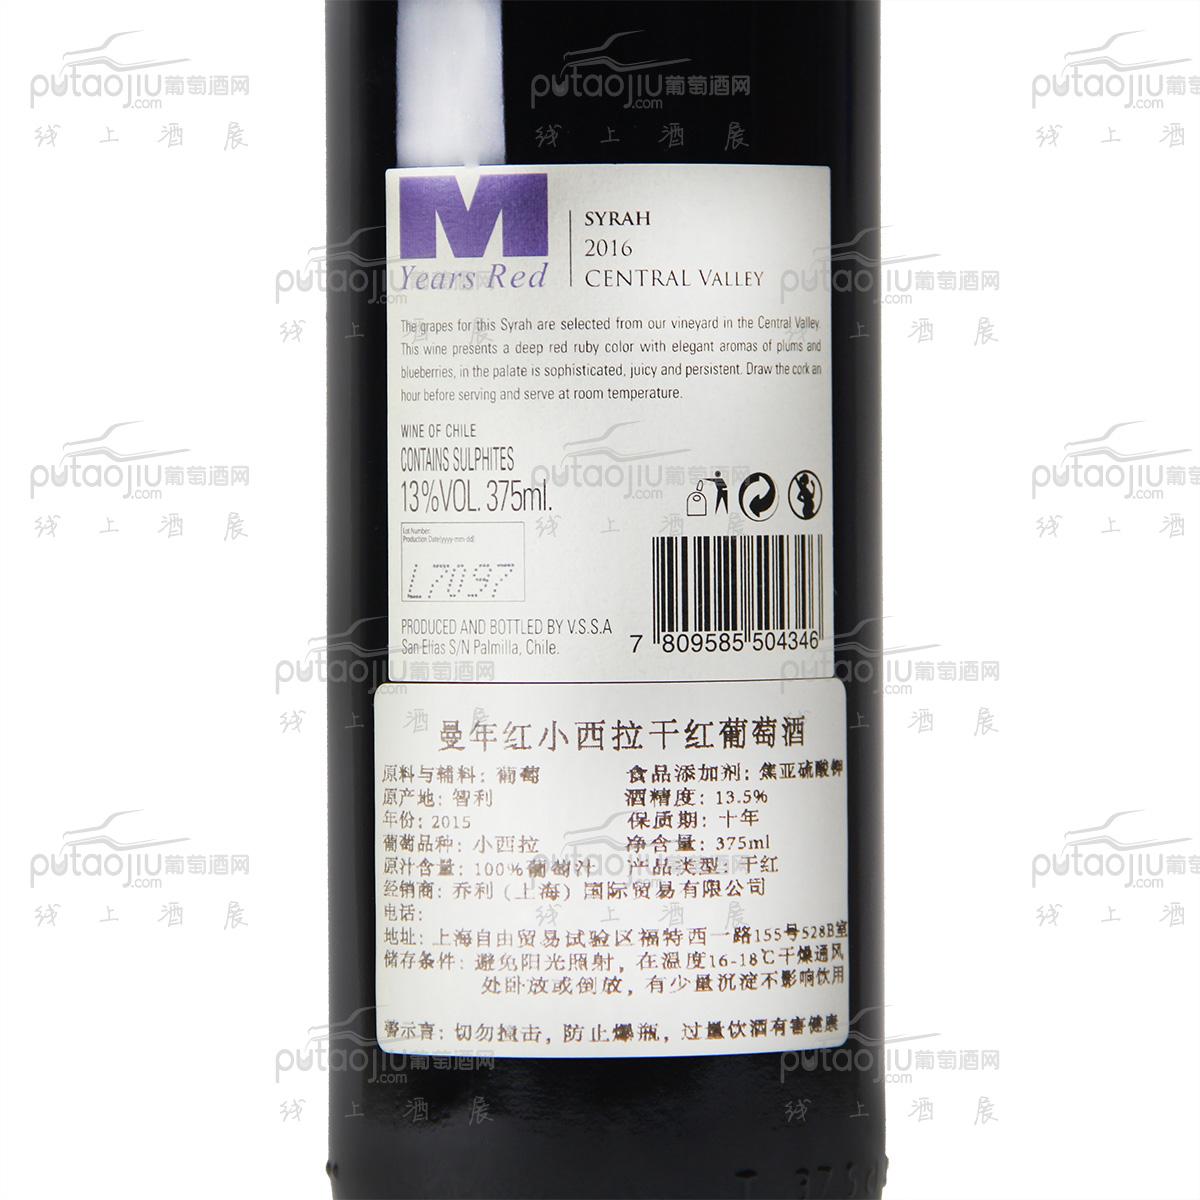 智利空加瓜谷希赫酒庄曼年红·西拉精选级干红葡萄酒375ml